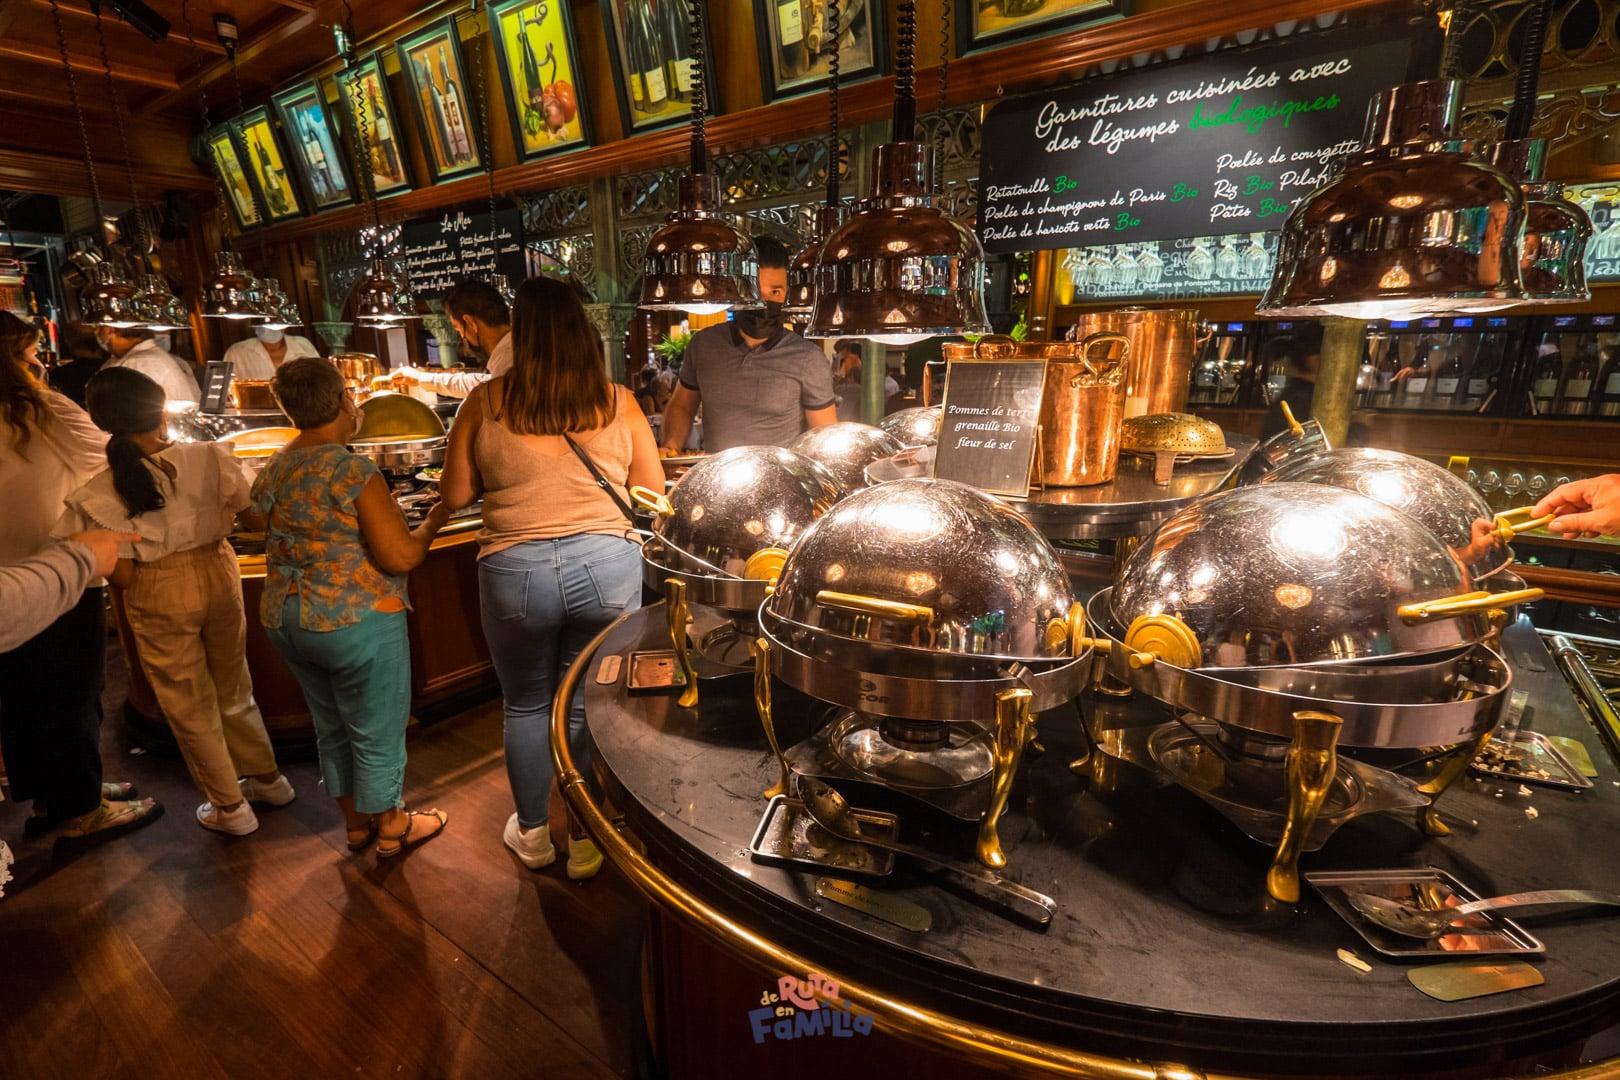 fotos de les grands buffets de narbona